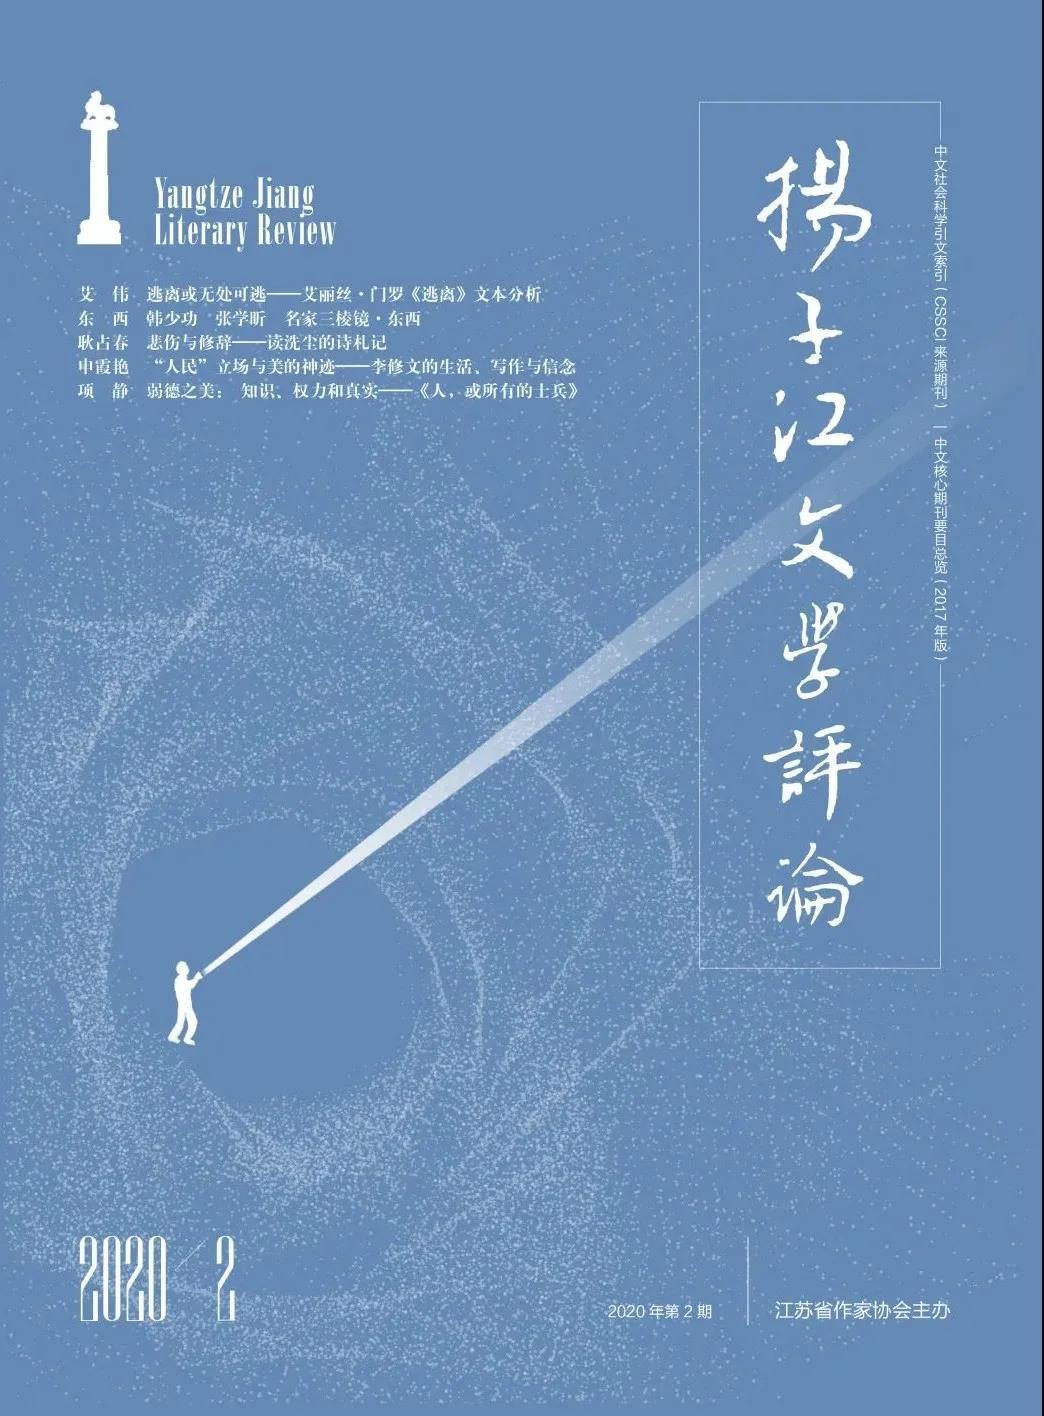 《扬子江文学评论》2020年第2期